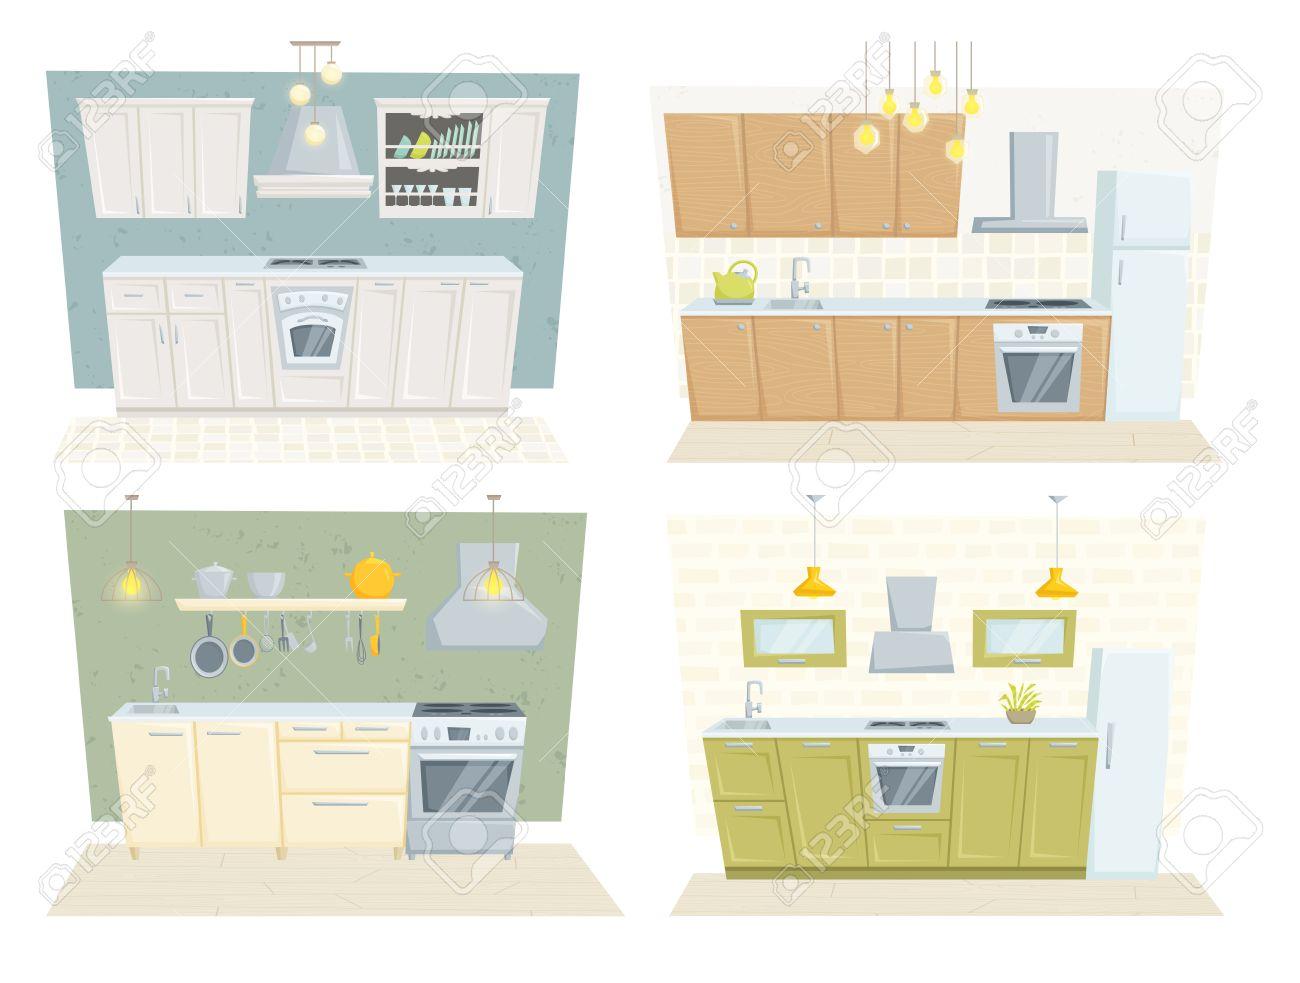 Entre Cocina Con Muebles Y Decoración Conjunto. Cocina Ilustración ...